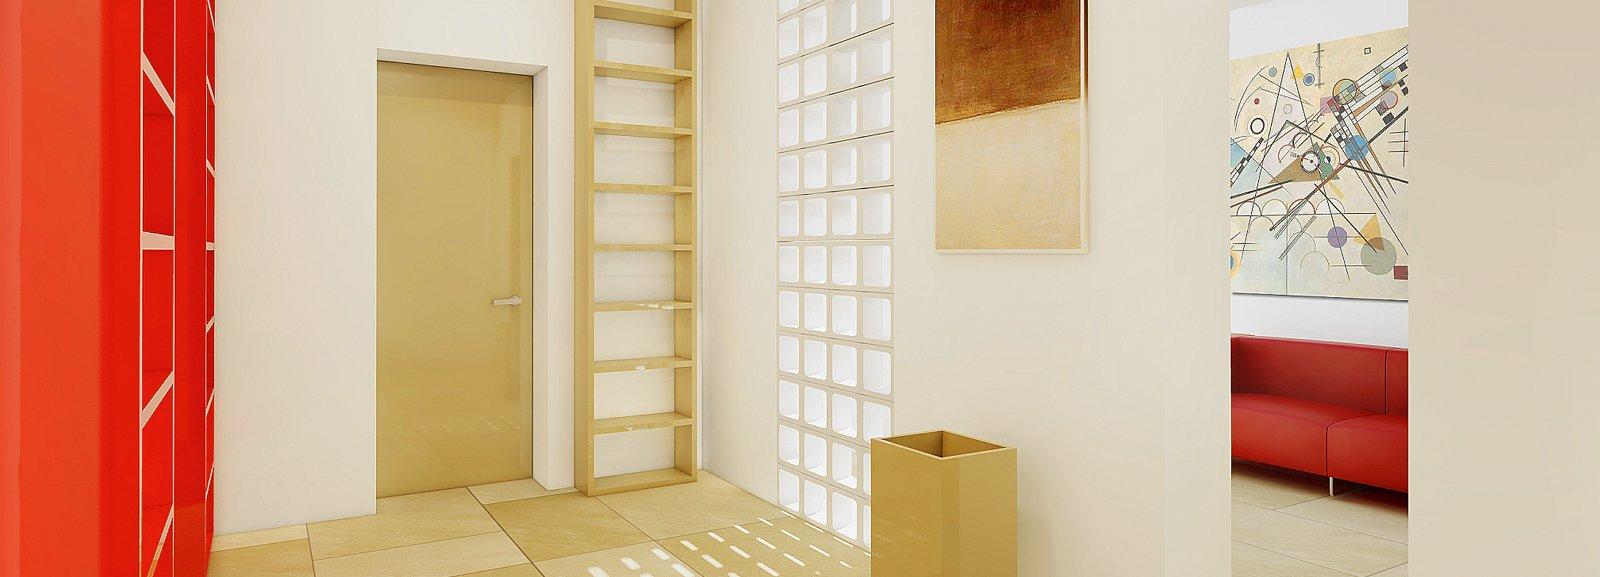 Pi luce 10 idee per moltiplicarla cose di casa - Finestra vetrocemento ...